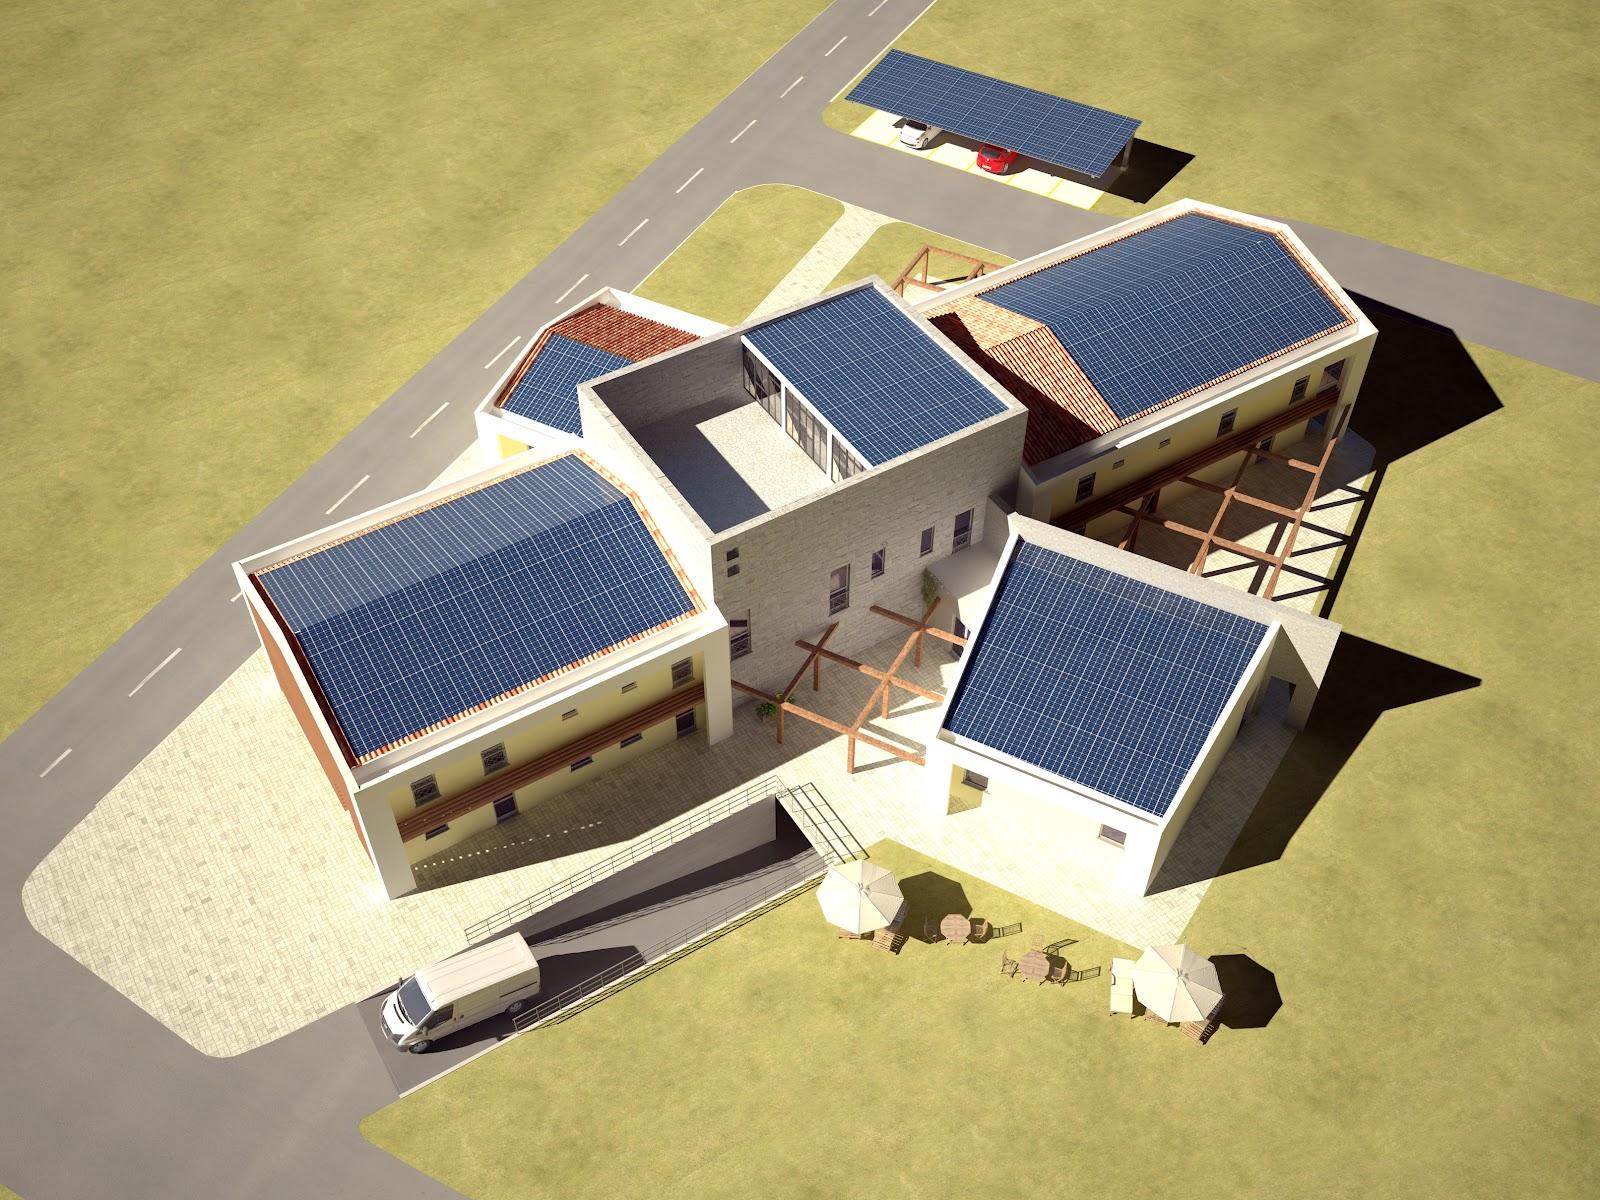 Costruire una casetta in legno da soli come costruire with - Costruire casa da soli ...